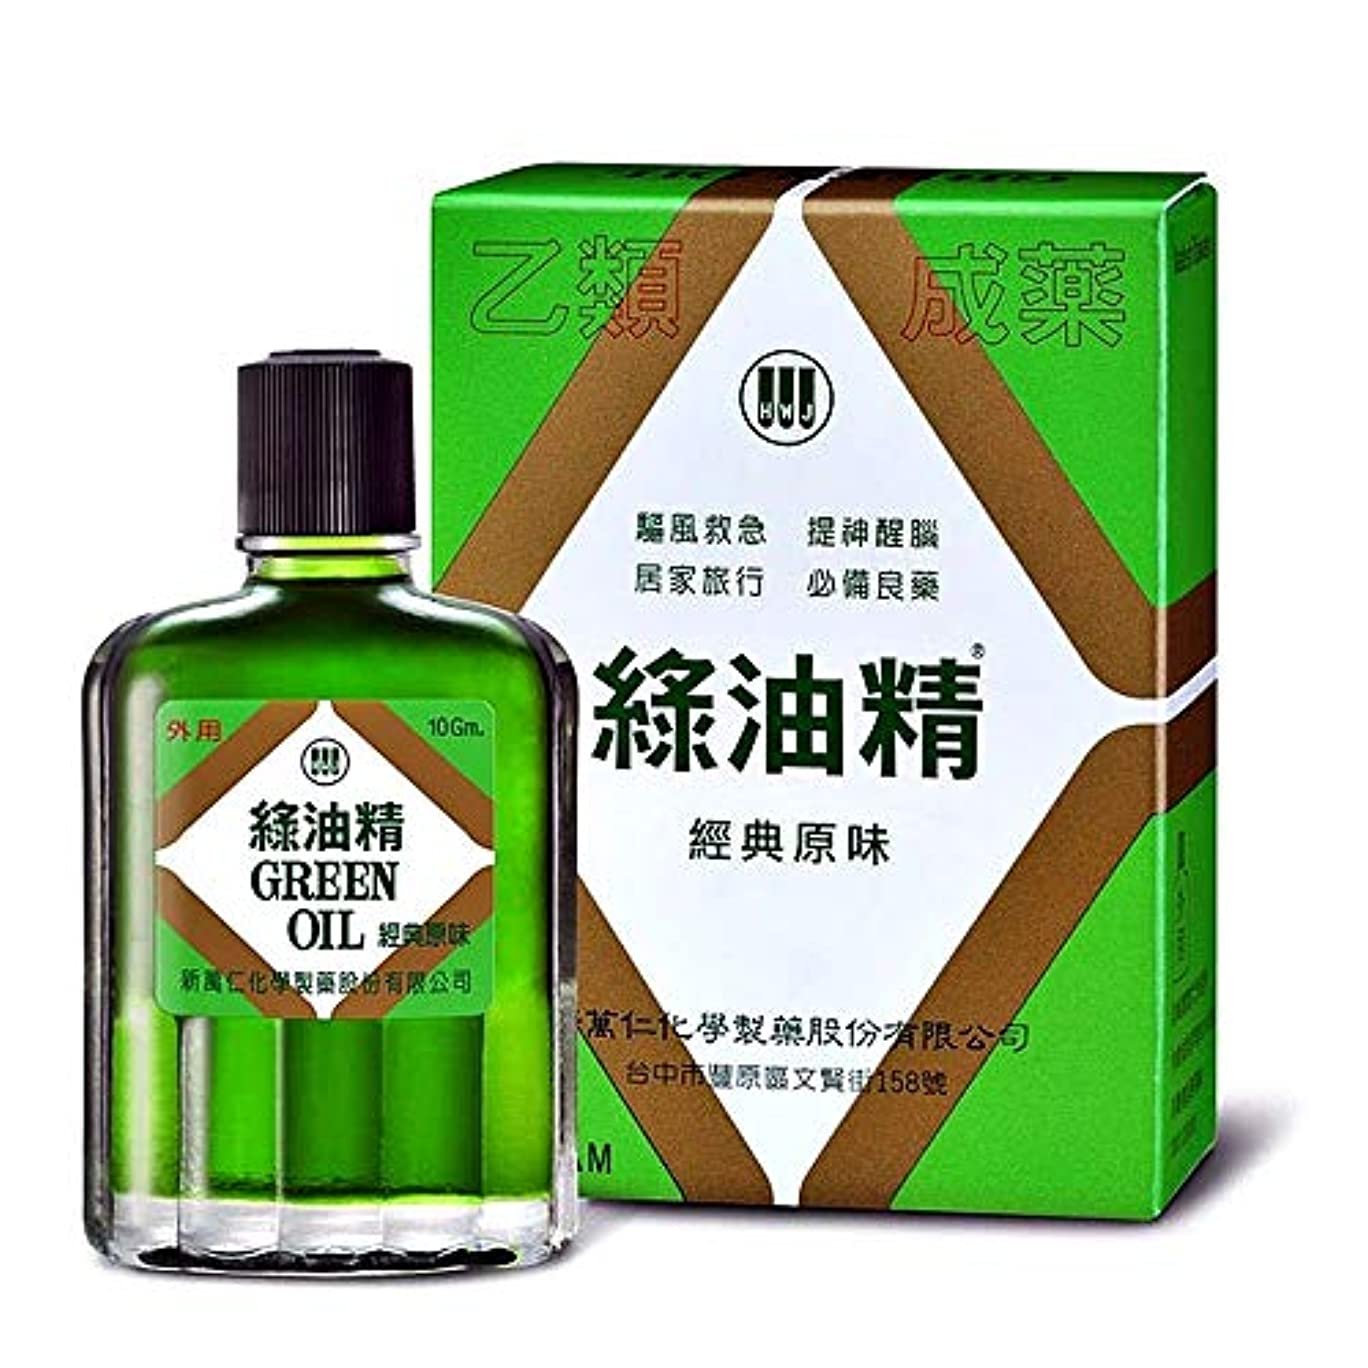 番号パスポート女将《新萬仁》台湾の万能グリーンオイル 緑油精 10g 《台湾 お土産》 [並行輸入品]